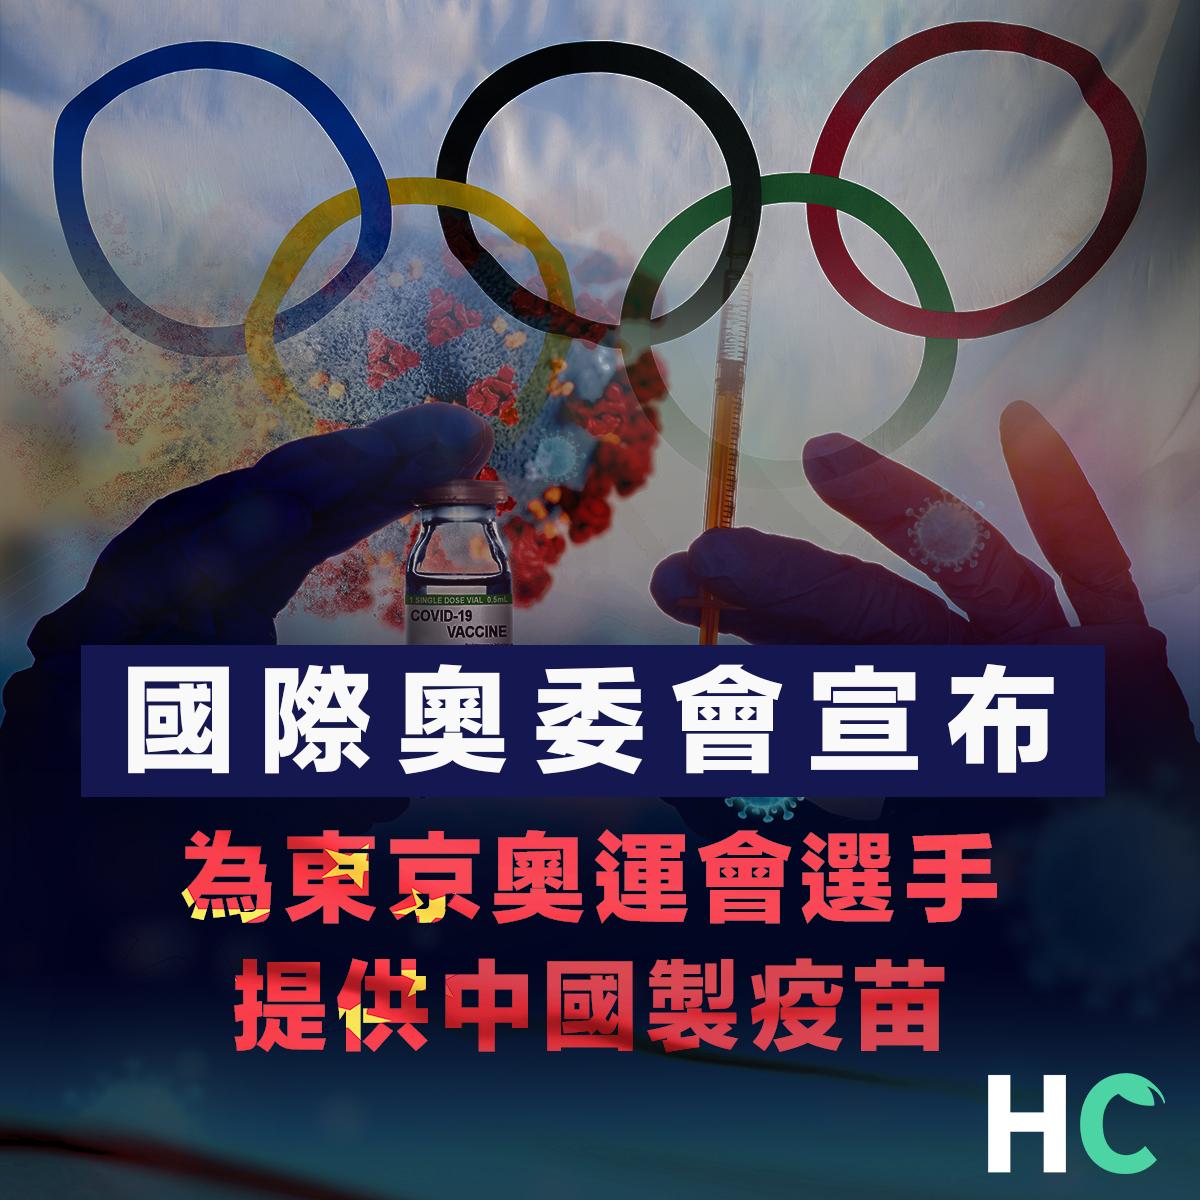 國際奧委會宣布 為東京奧運會選手提供中國製疫苗